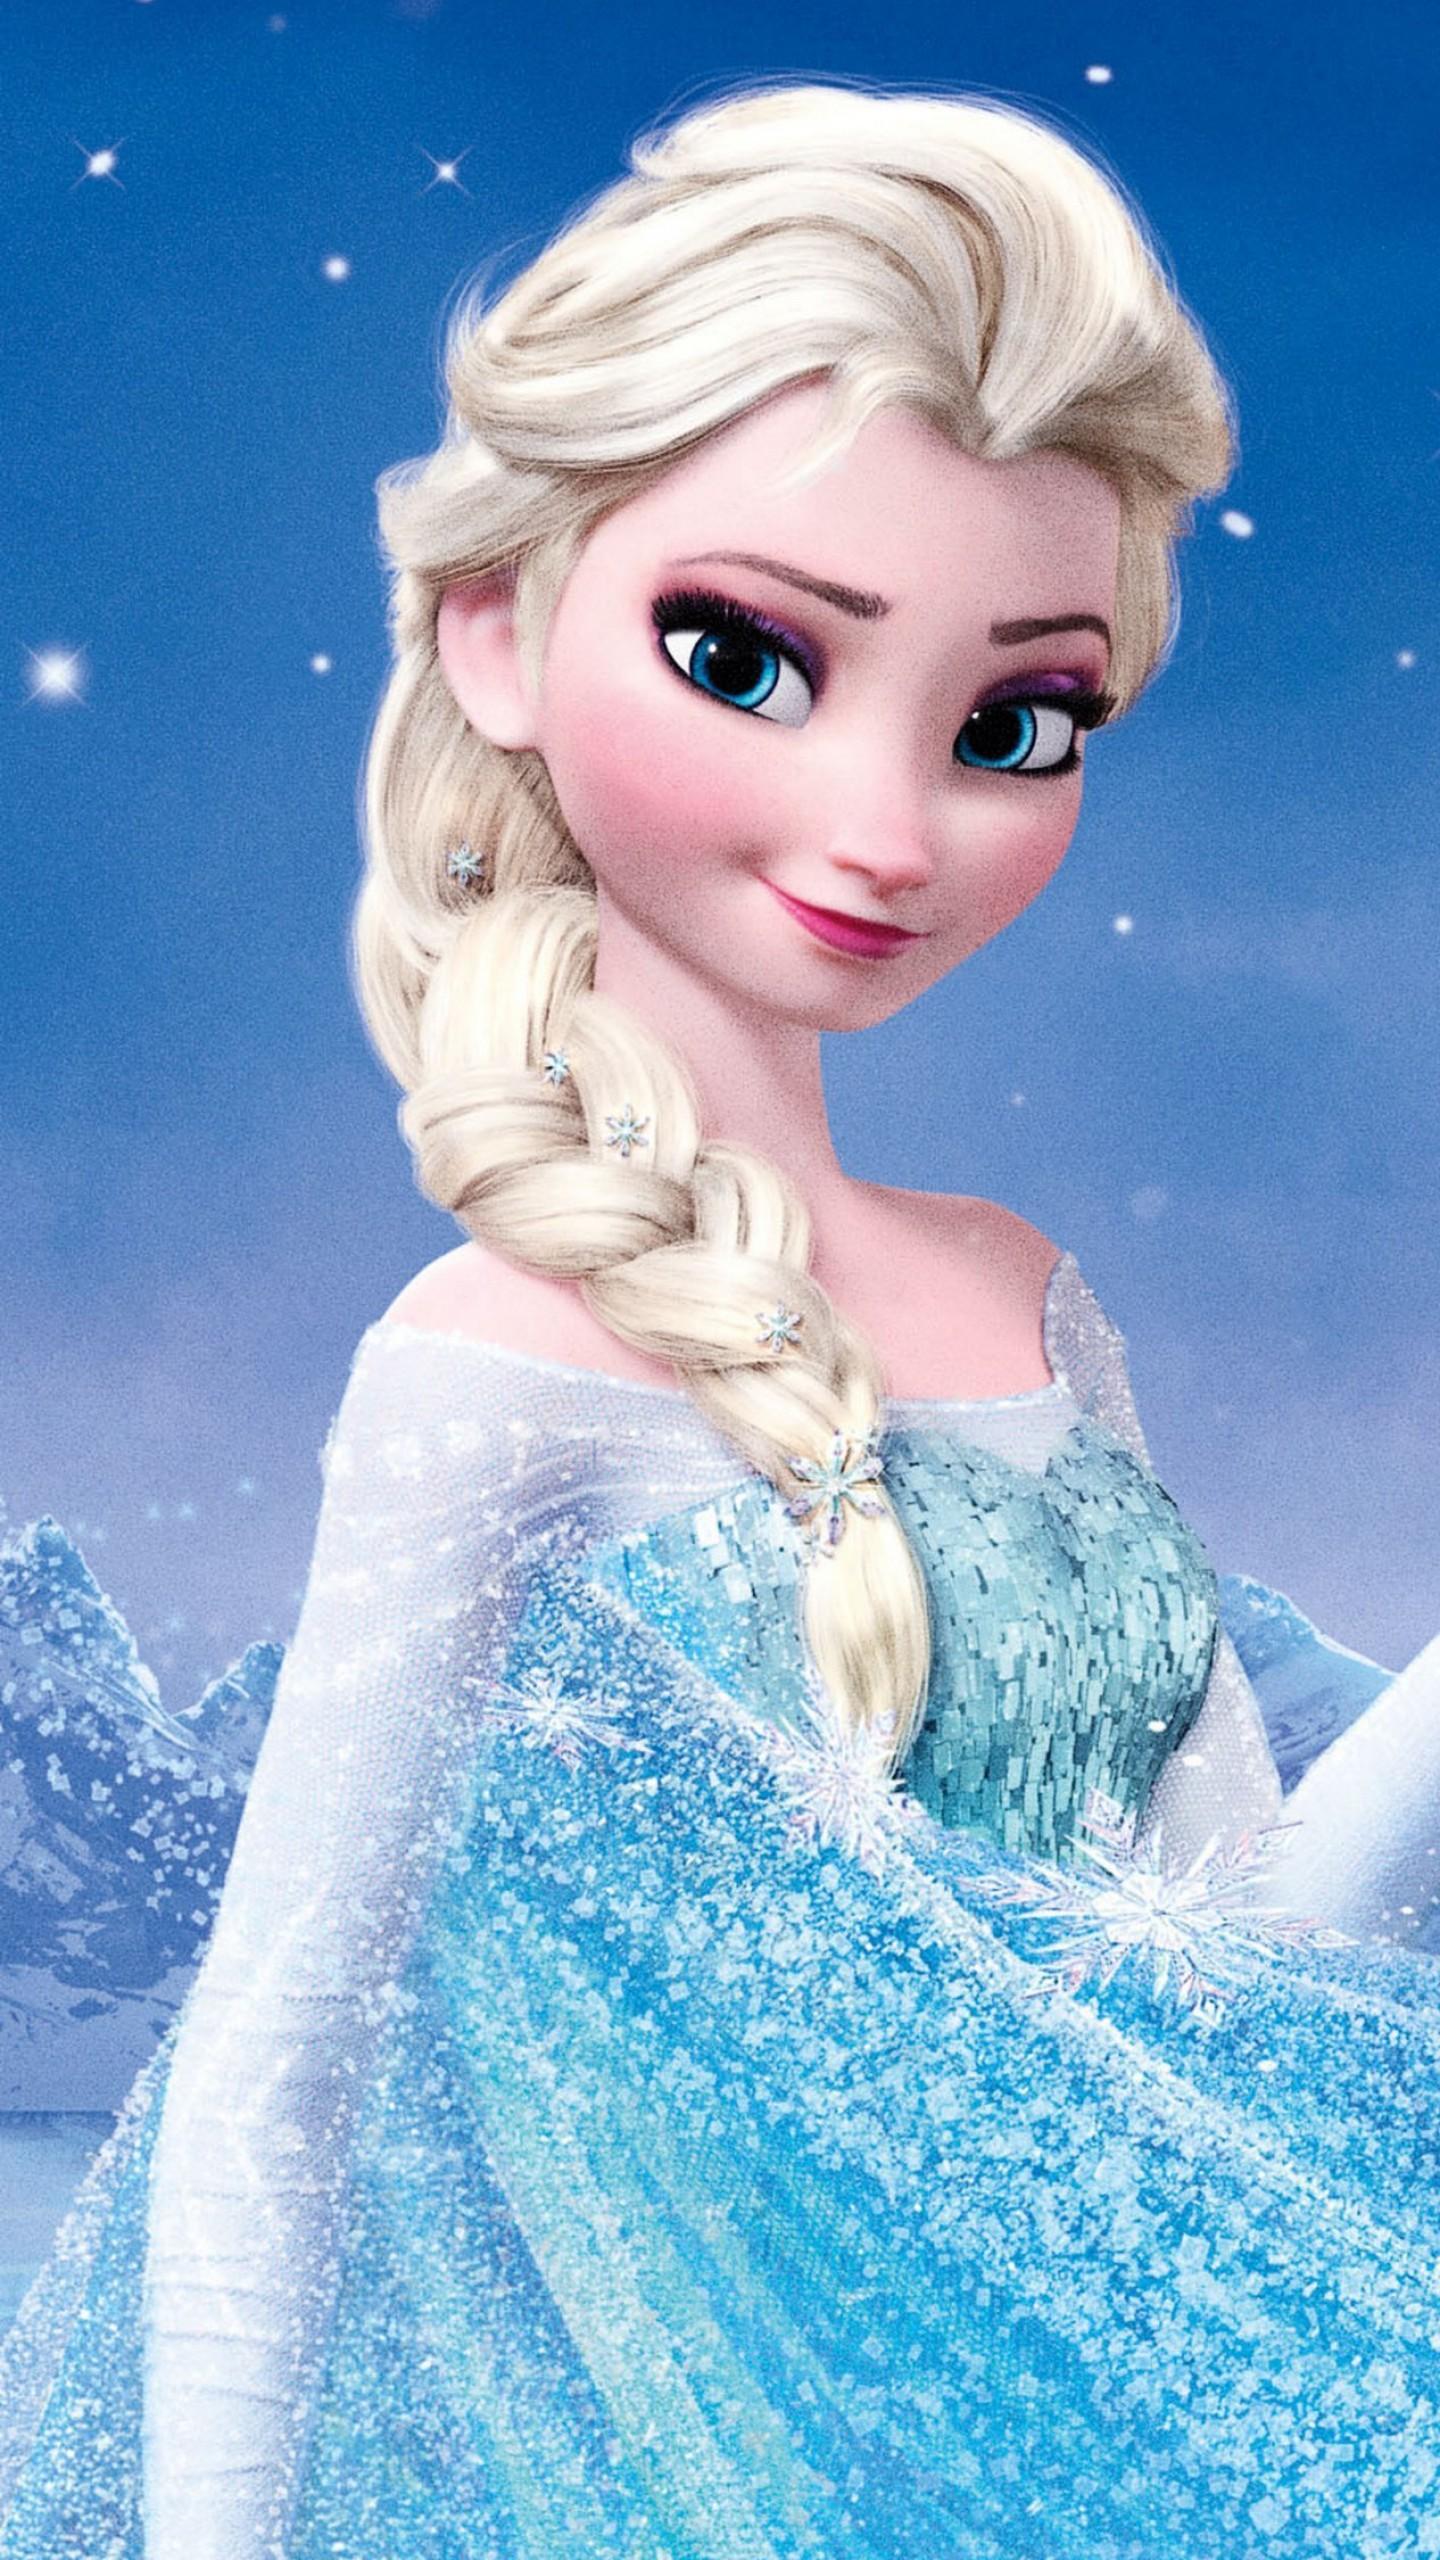 Disney Frozen - Elsa Deluxe Styling Head